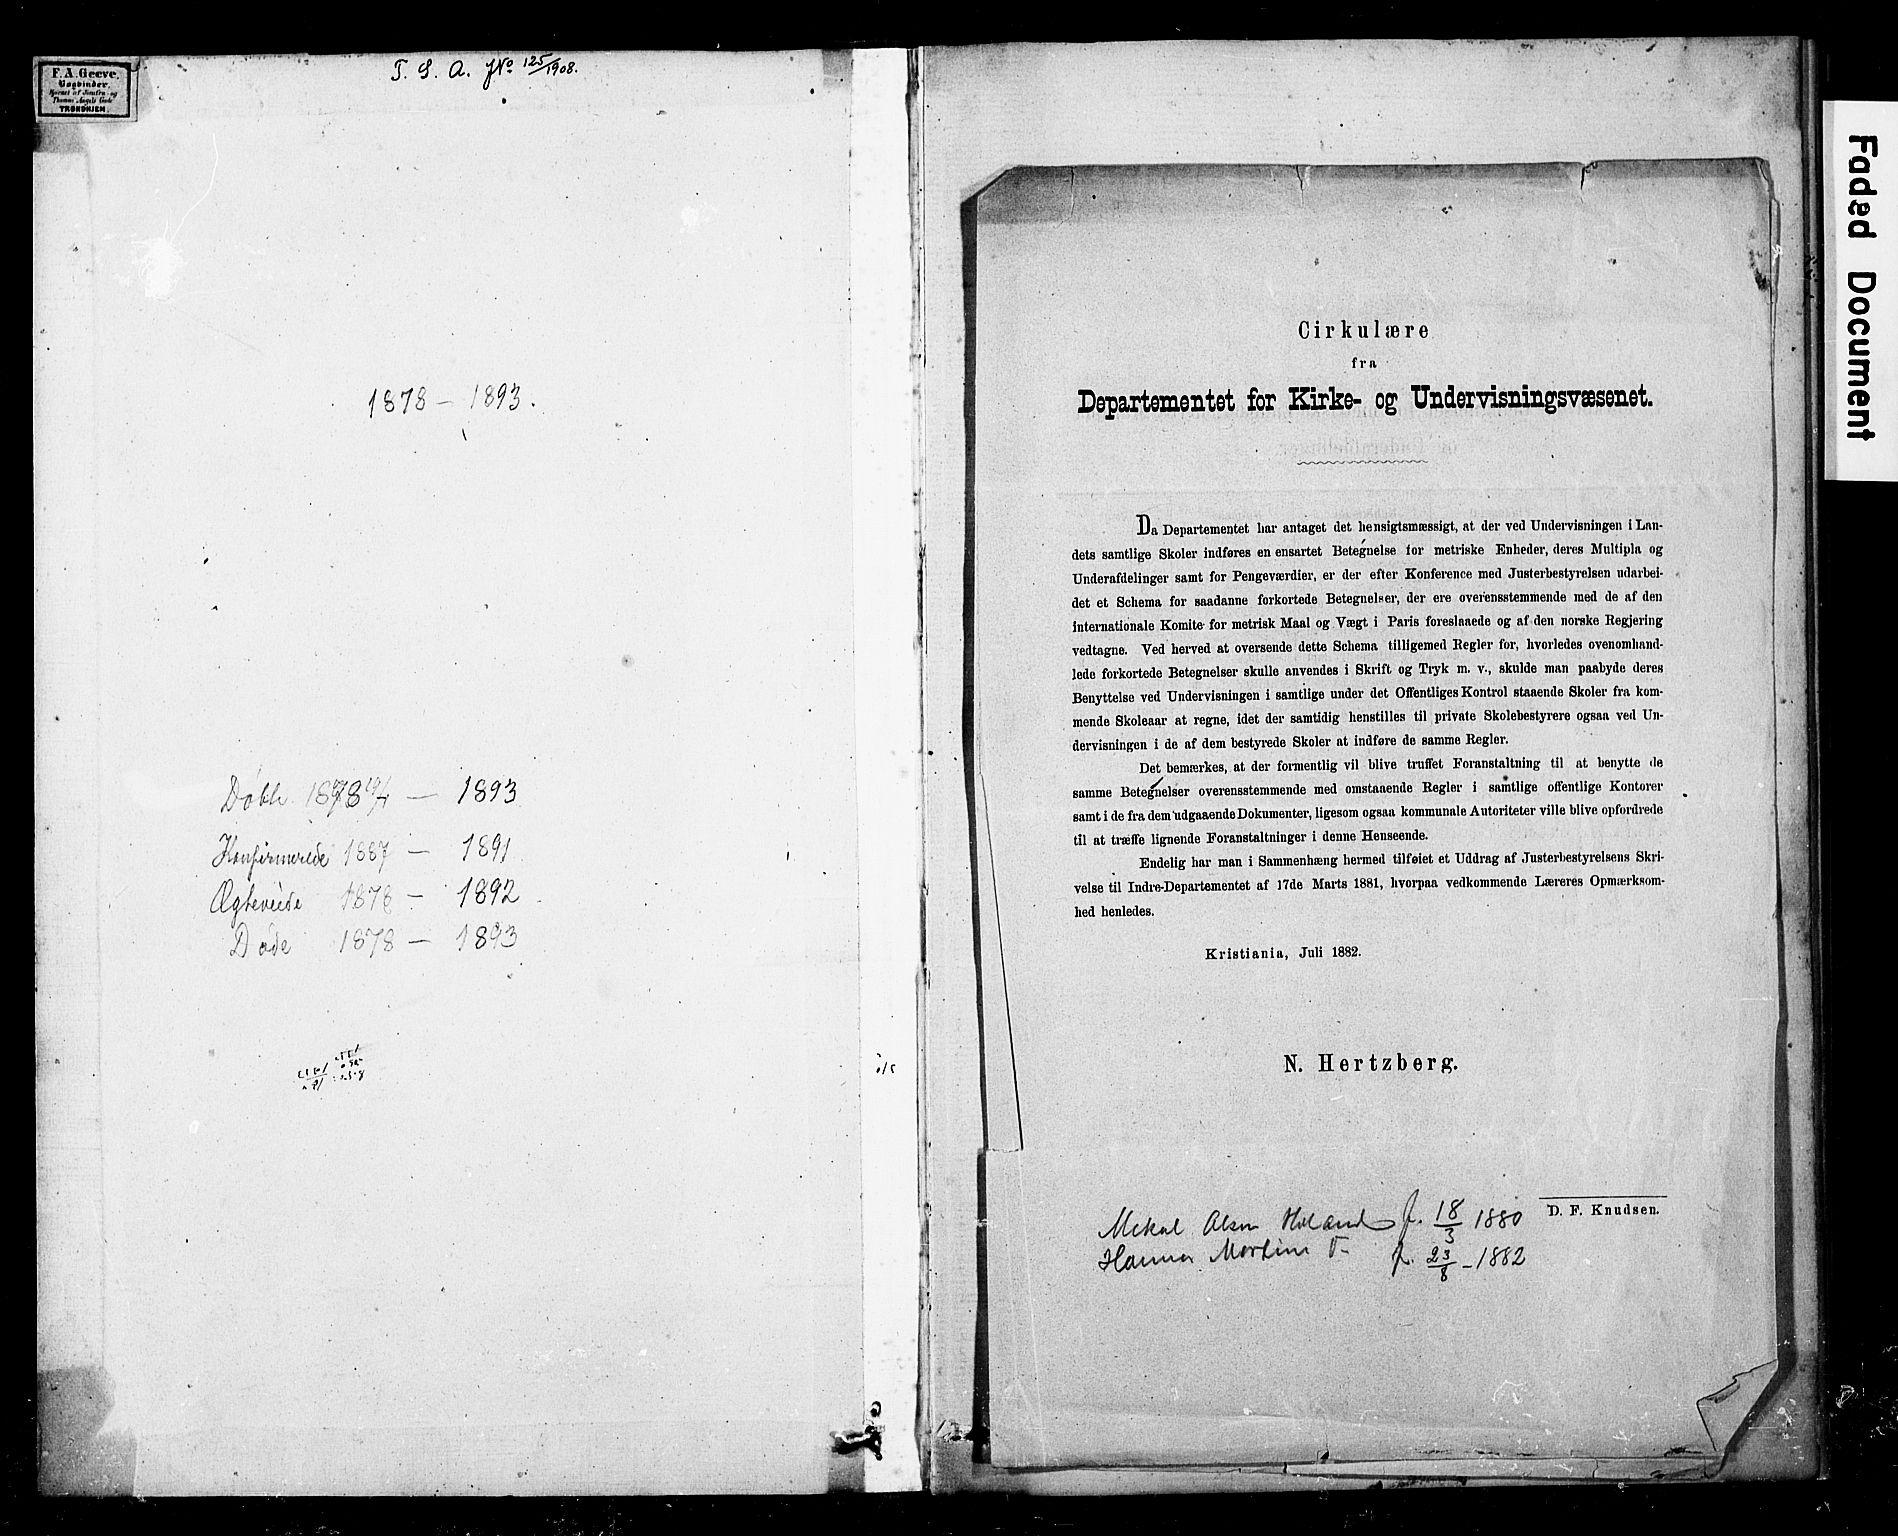 SAT, Ministerialprotokoller, klokkerbøker og fødselsregistre - Nord-Trøndelag, 783/L0661: Klokkerbok nr. 783C01, 1878-1893